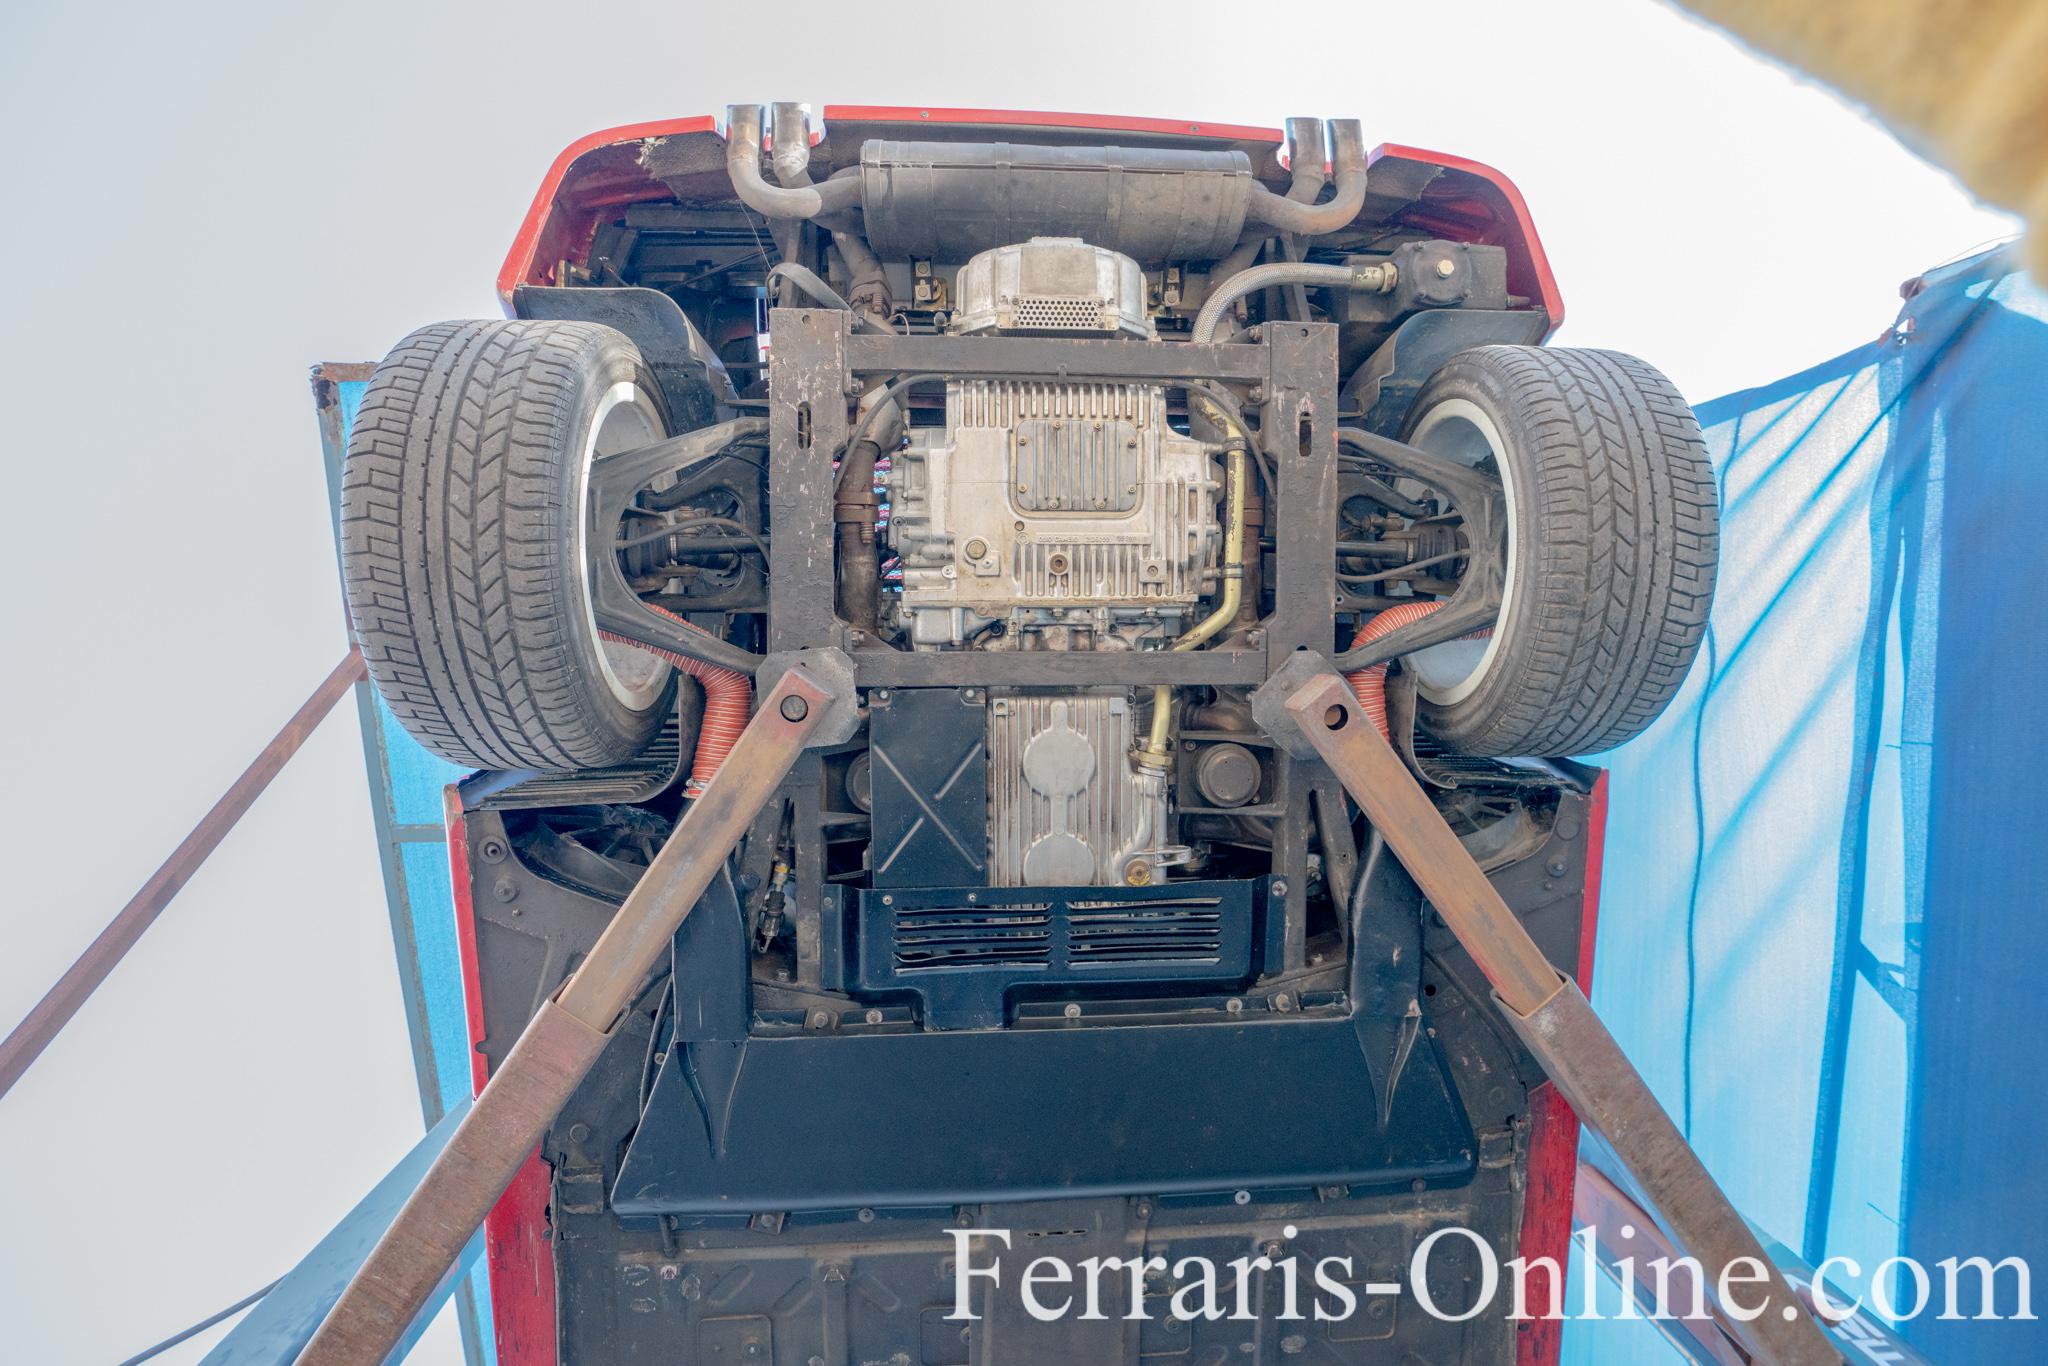 1992 Ferrari 348 Challenge #93016